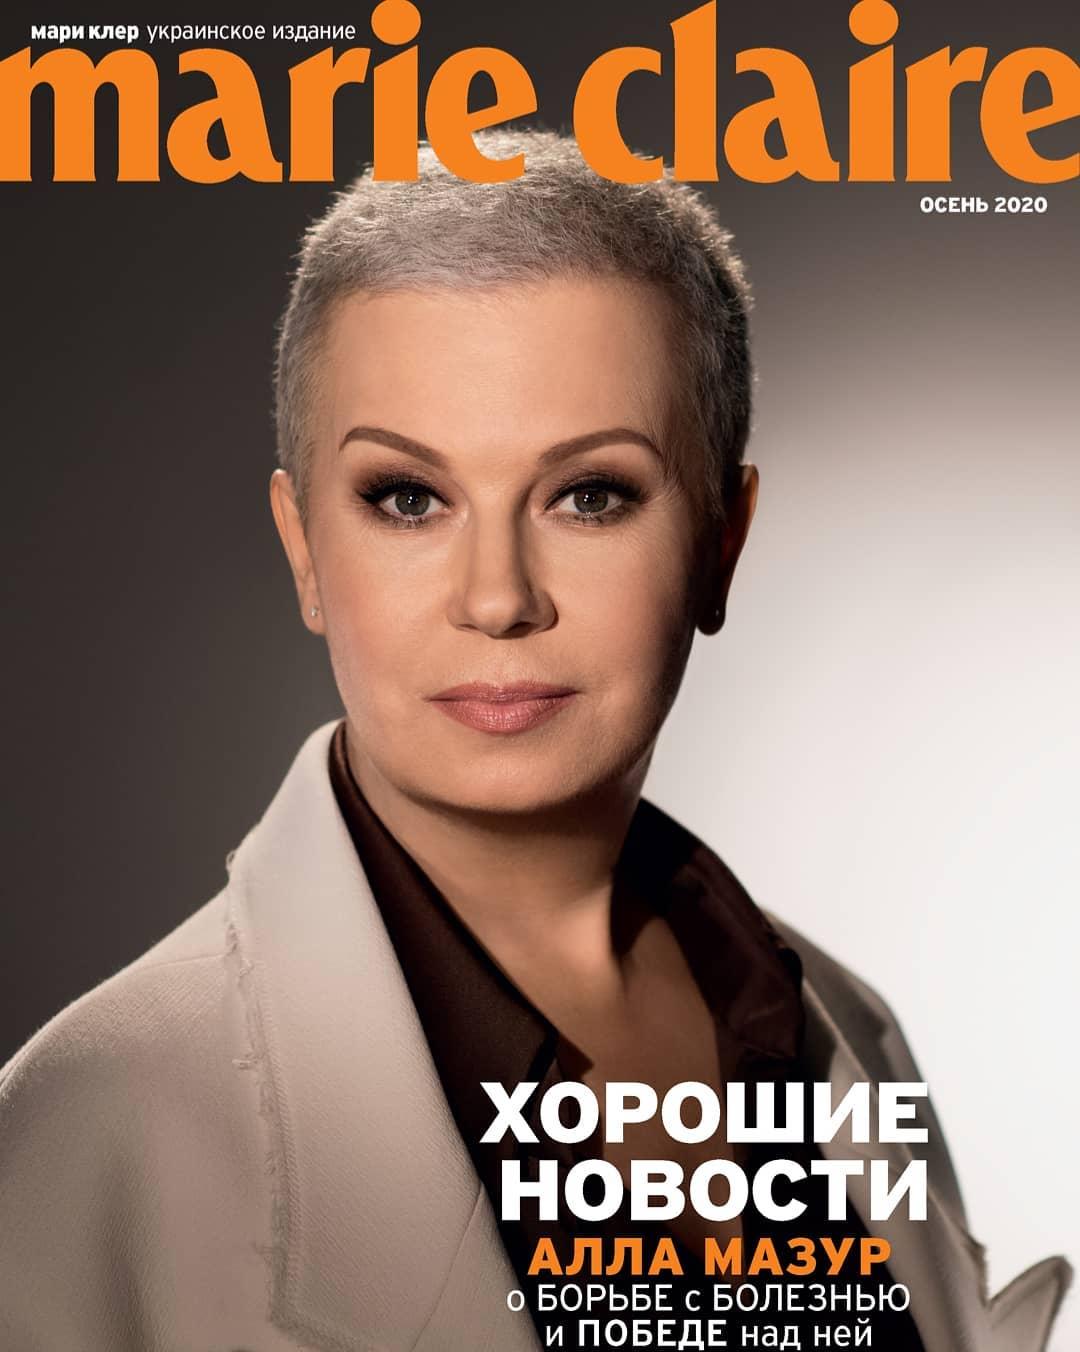 Алла Мазур после победы над раком сменила имидж: потрясающие фото телеведущей без парика